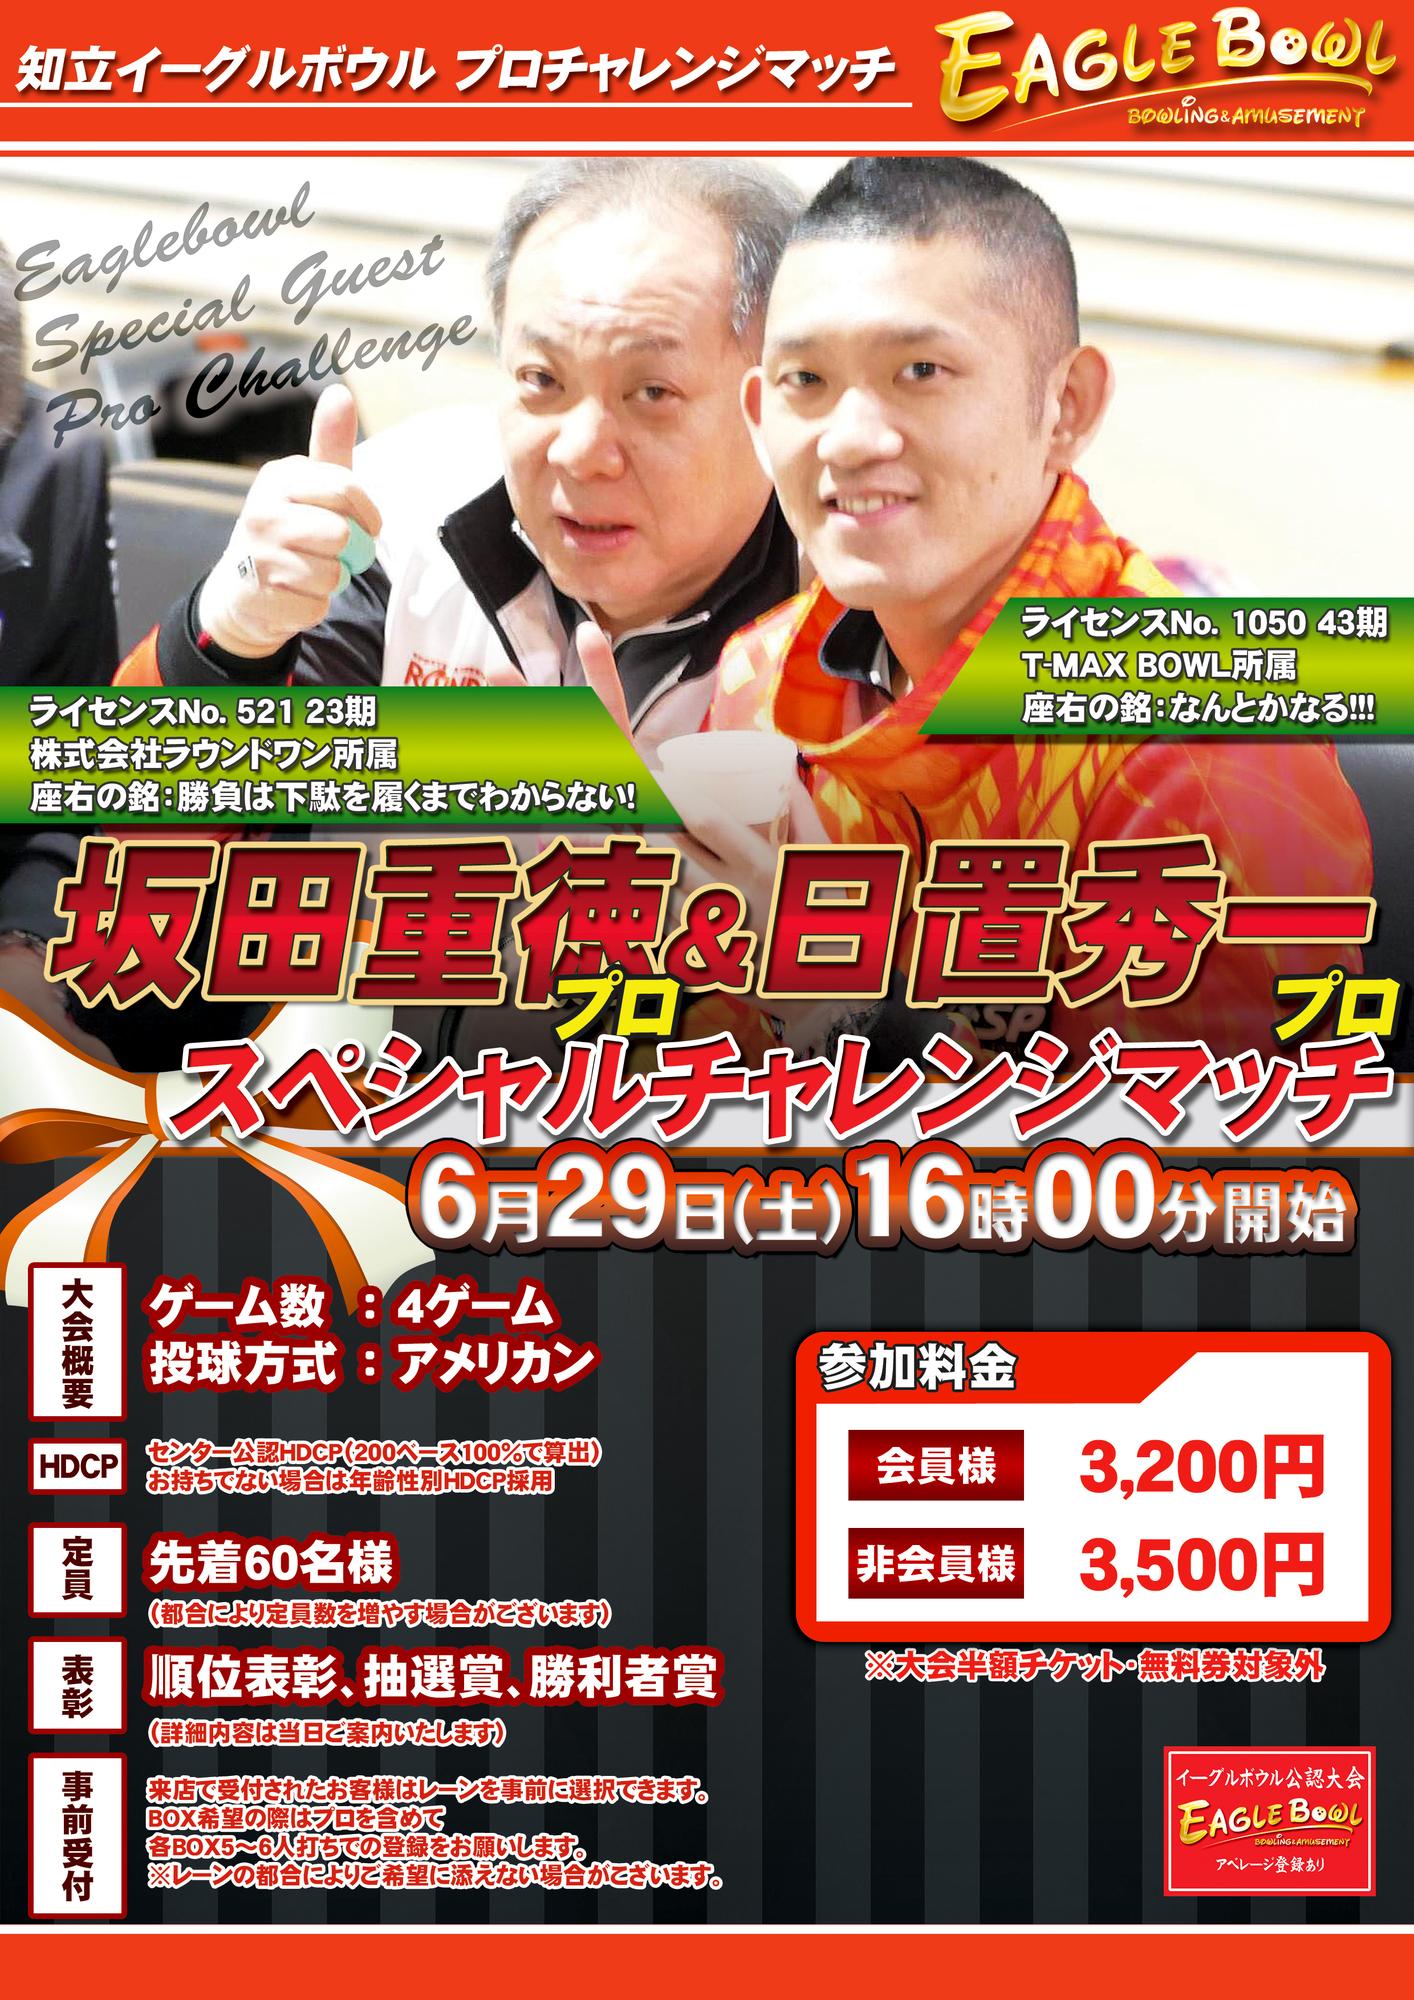 6/29 坂田プロ・日置プロスペシャルチャレンジ